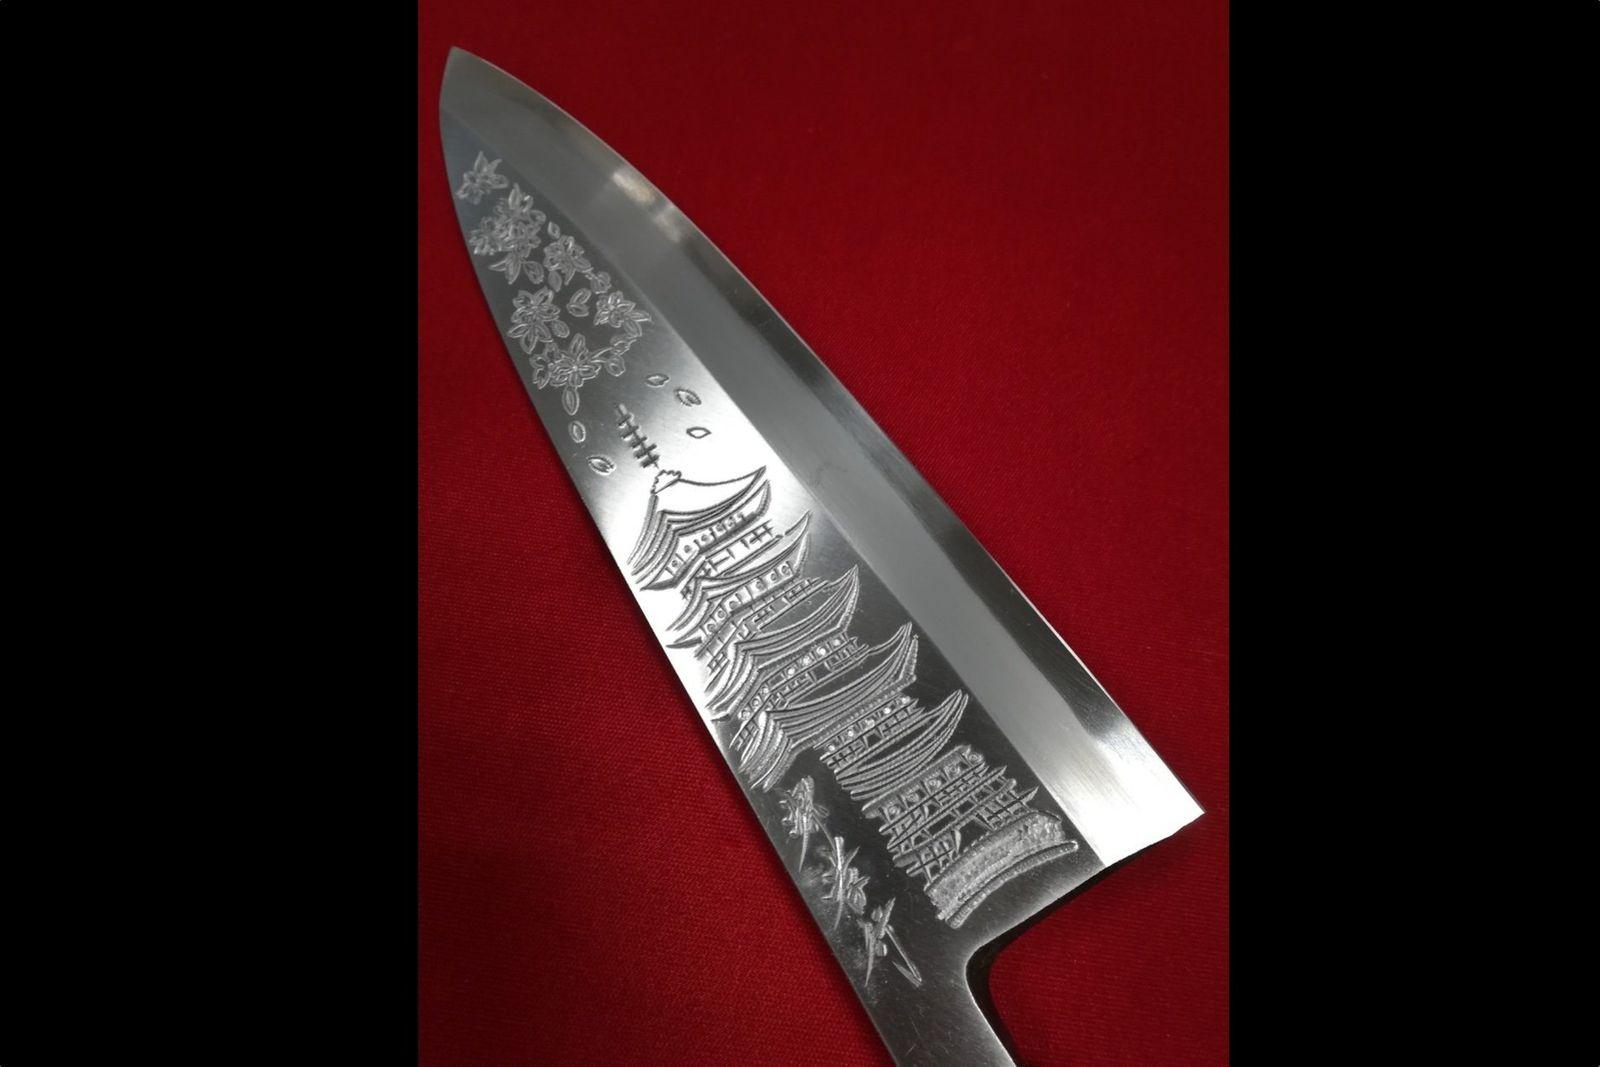 堺孝行霞研白鋼五重塔の彫刻入り出刃包丁和包丁-240mm